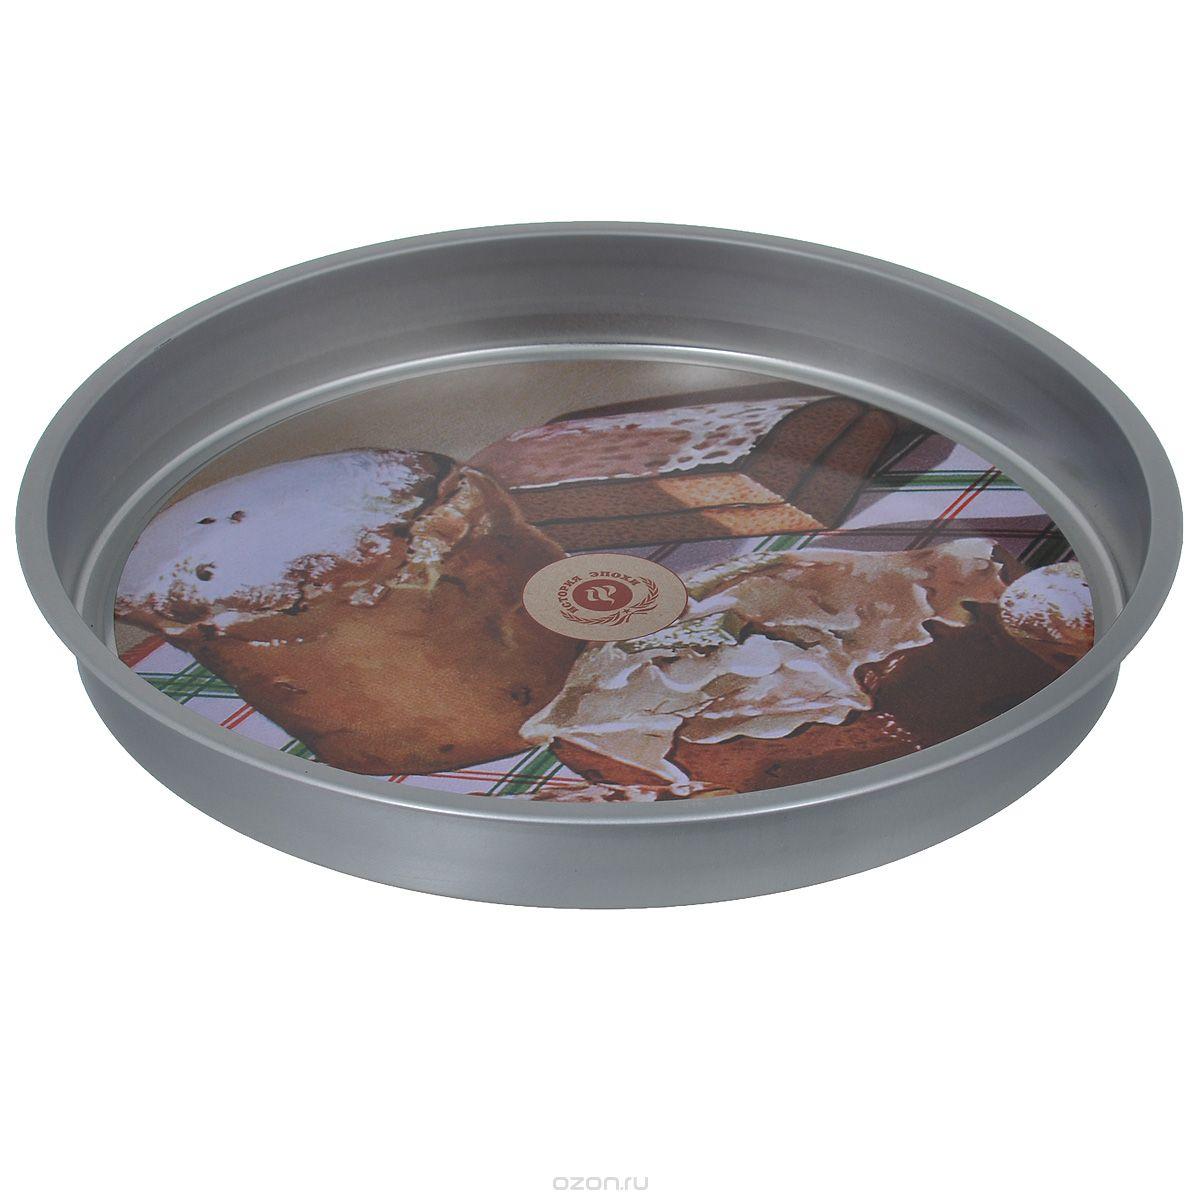 Поднос Феникс-Презент Кексы, диаметр 33 см37660Поднос Феникс-Презент Кексы изготовлен из металла и оснащен высокими бортиками. Внутри поднос оформлен рисунком с изображением кексов. Поднос может использоваться как для сервировки, так и для декора кухни. Такой поднос стильно дополнит любой кухонный интерьер, добавив немного ретро в окружающую обстановку. Диаметр подноса (по верхнему краю): 33 см. Высота бортиков: 4 см.